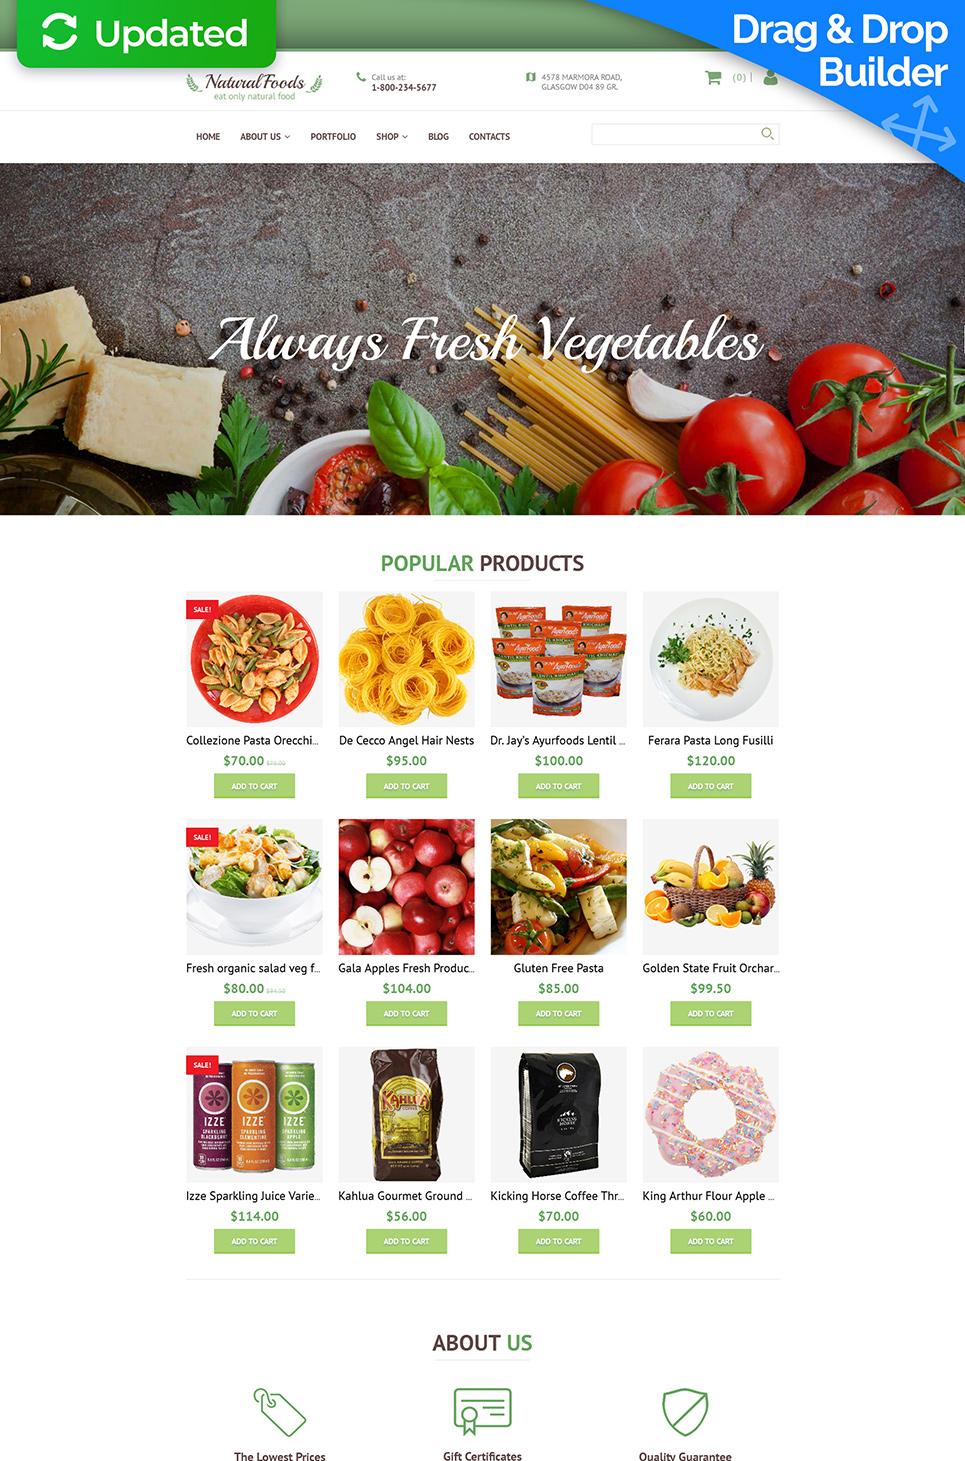 Responsywny szablon komercyjny #58994 z kategorii Jedzenie & Napoje - image